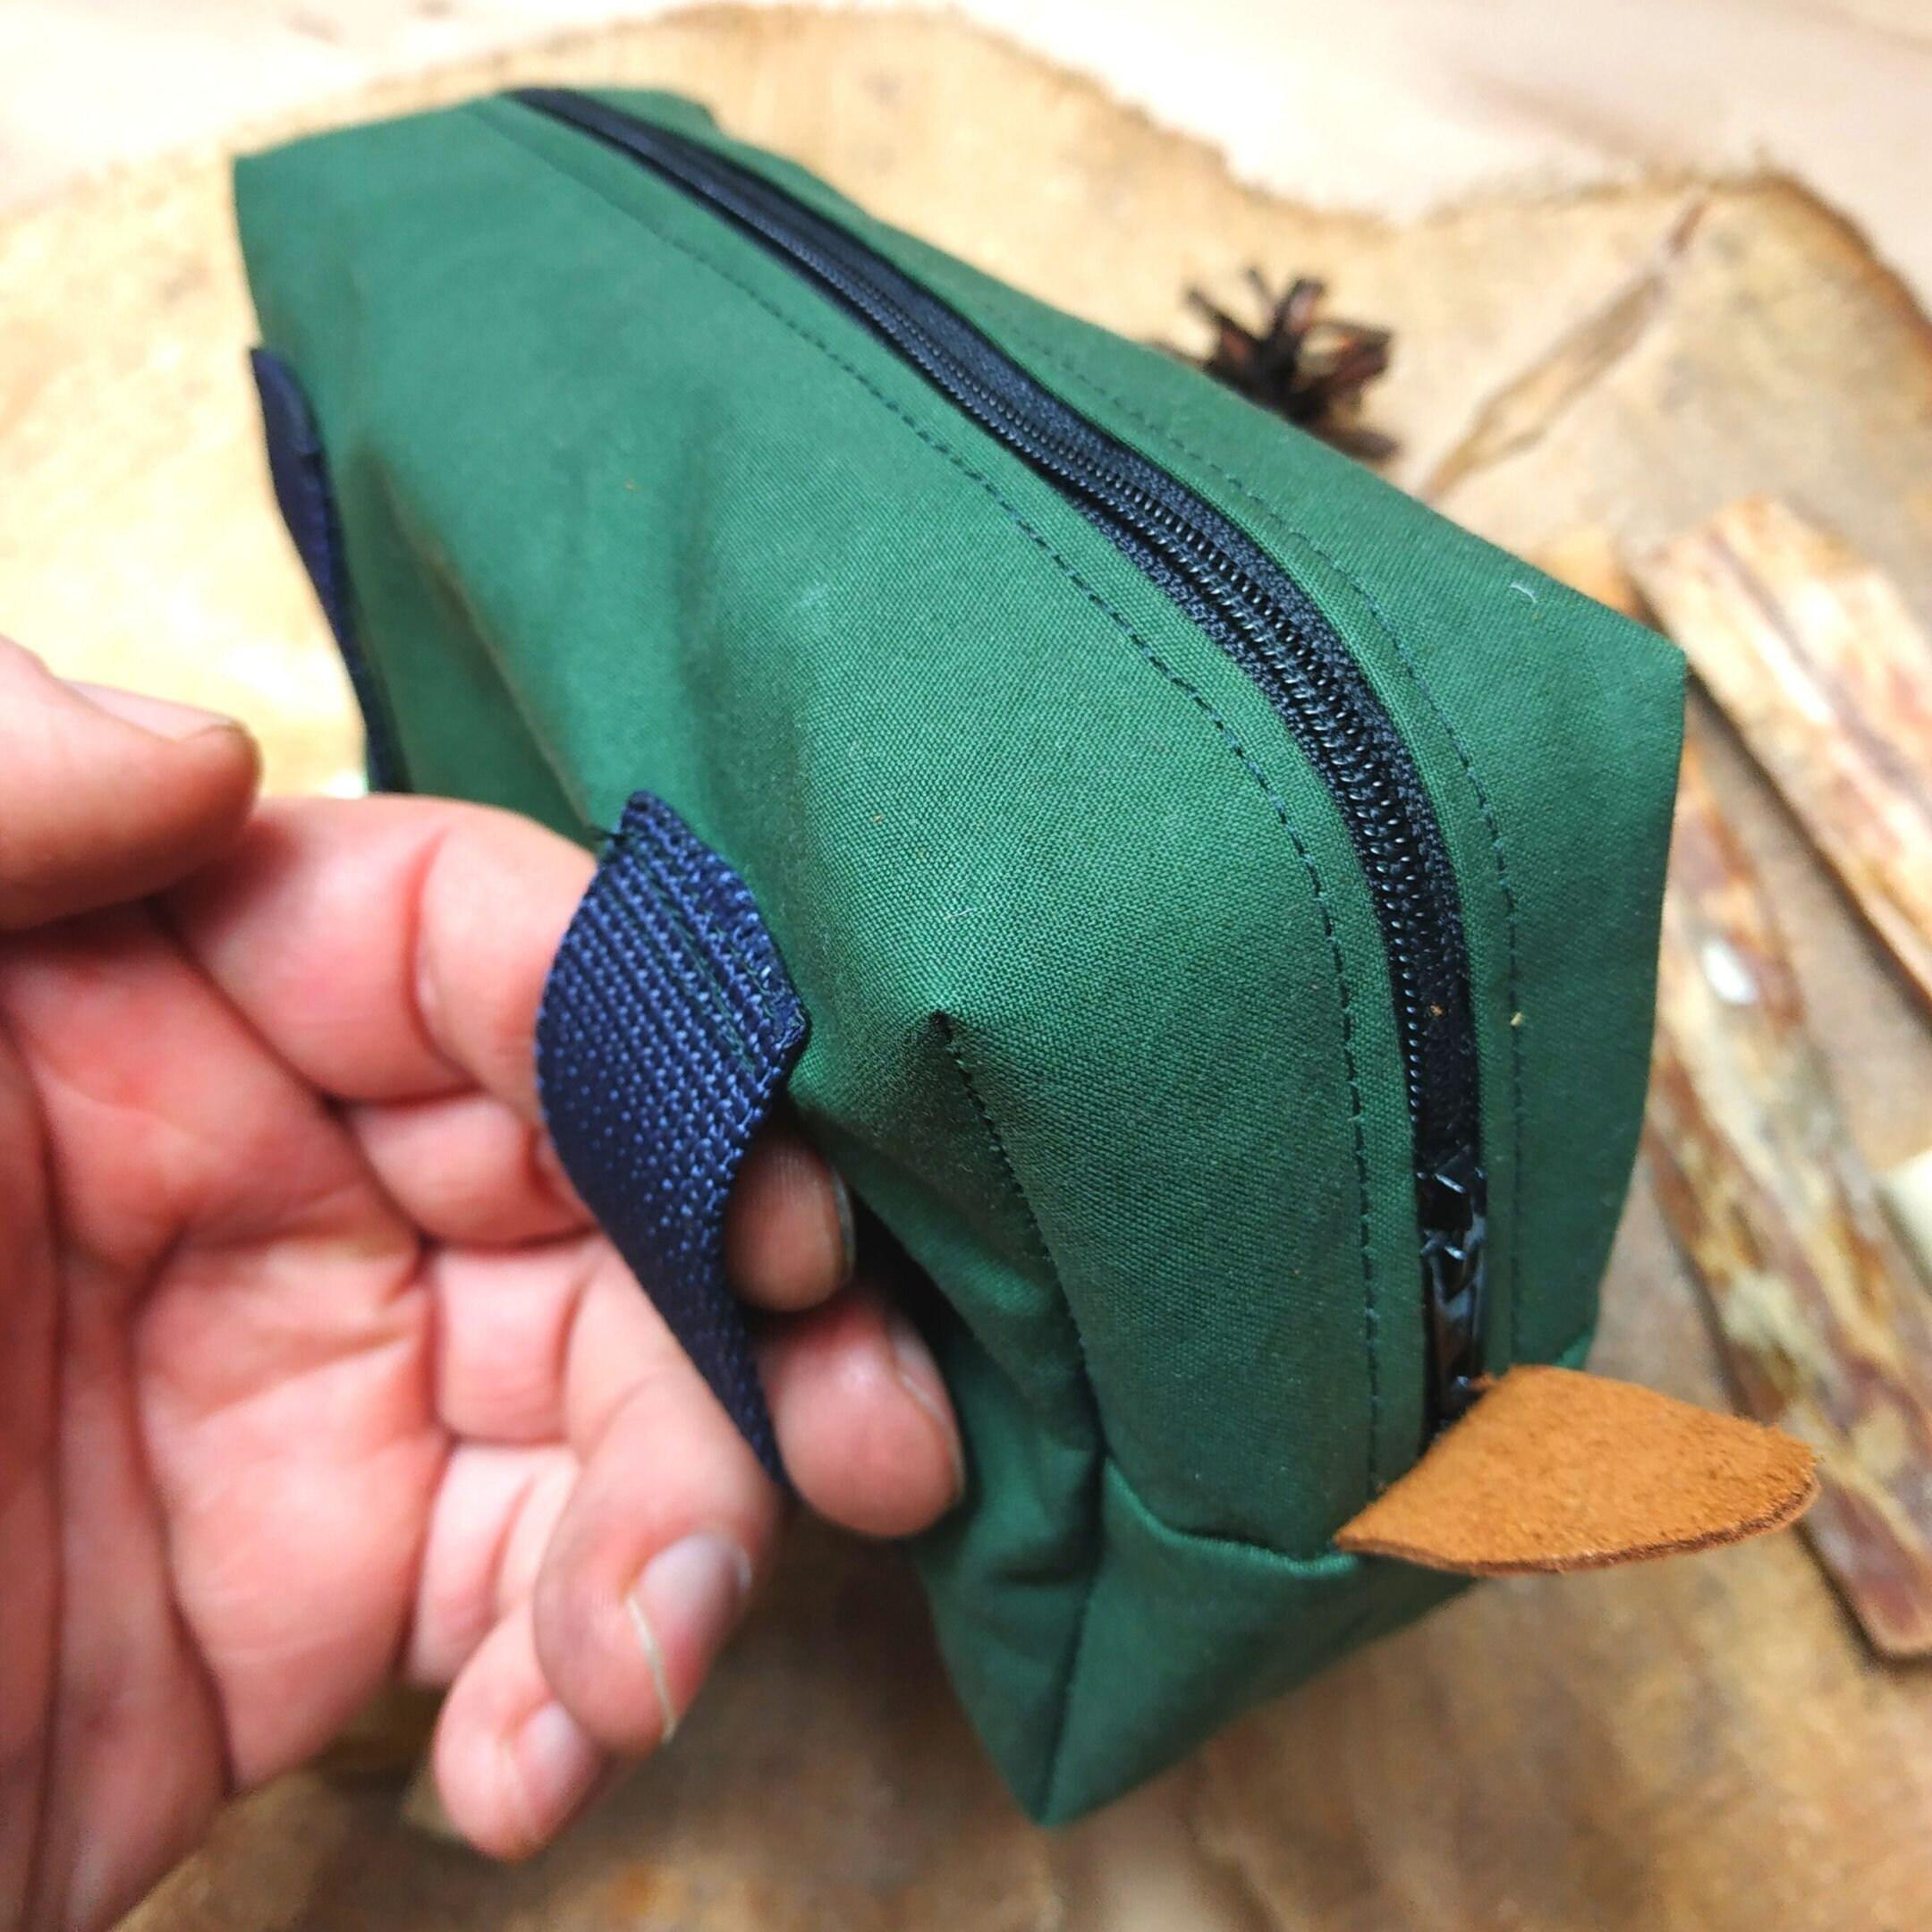 Gürteltasche aus Oilskin-Baumwolle (tannengrün), 100 % handgefertigt, für Outdoor-Leidenschaftler (Bushcraft | Survival | Trekking)